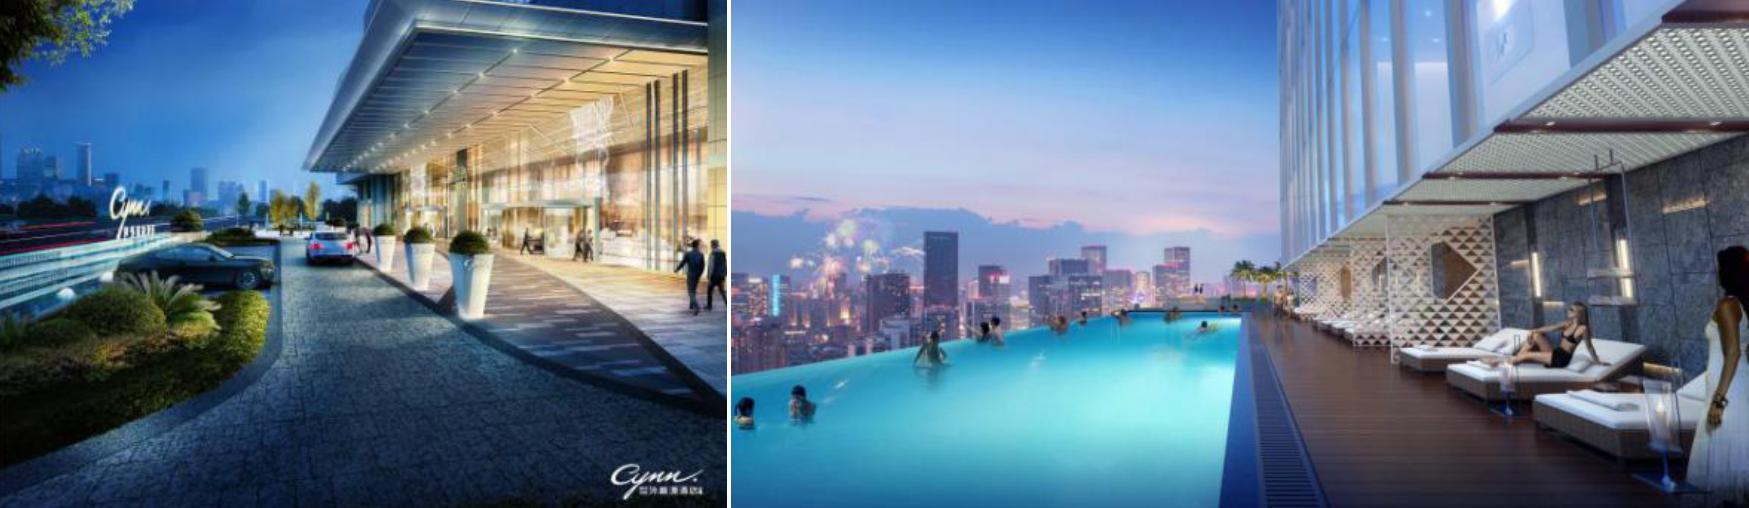 即将开业的七一世外桃源酒店,又在城北掀起新浪潮!